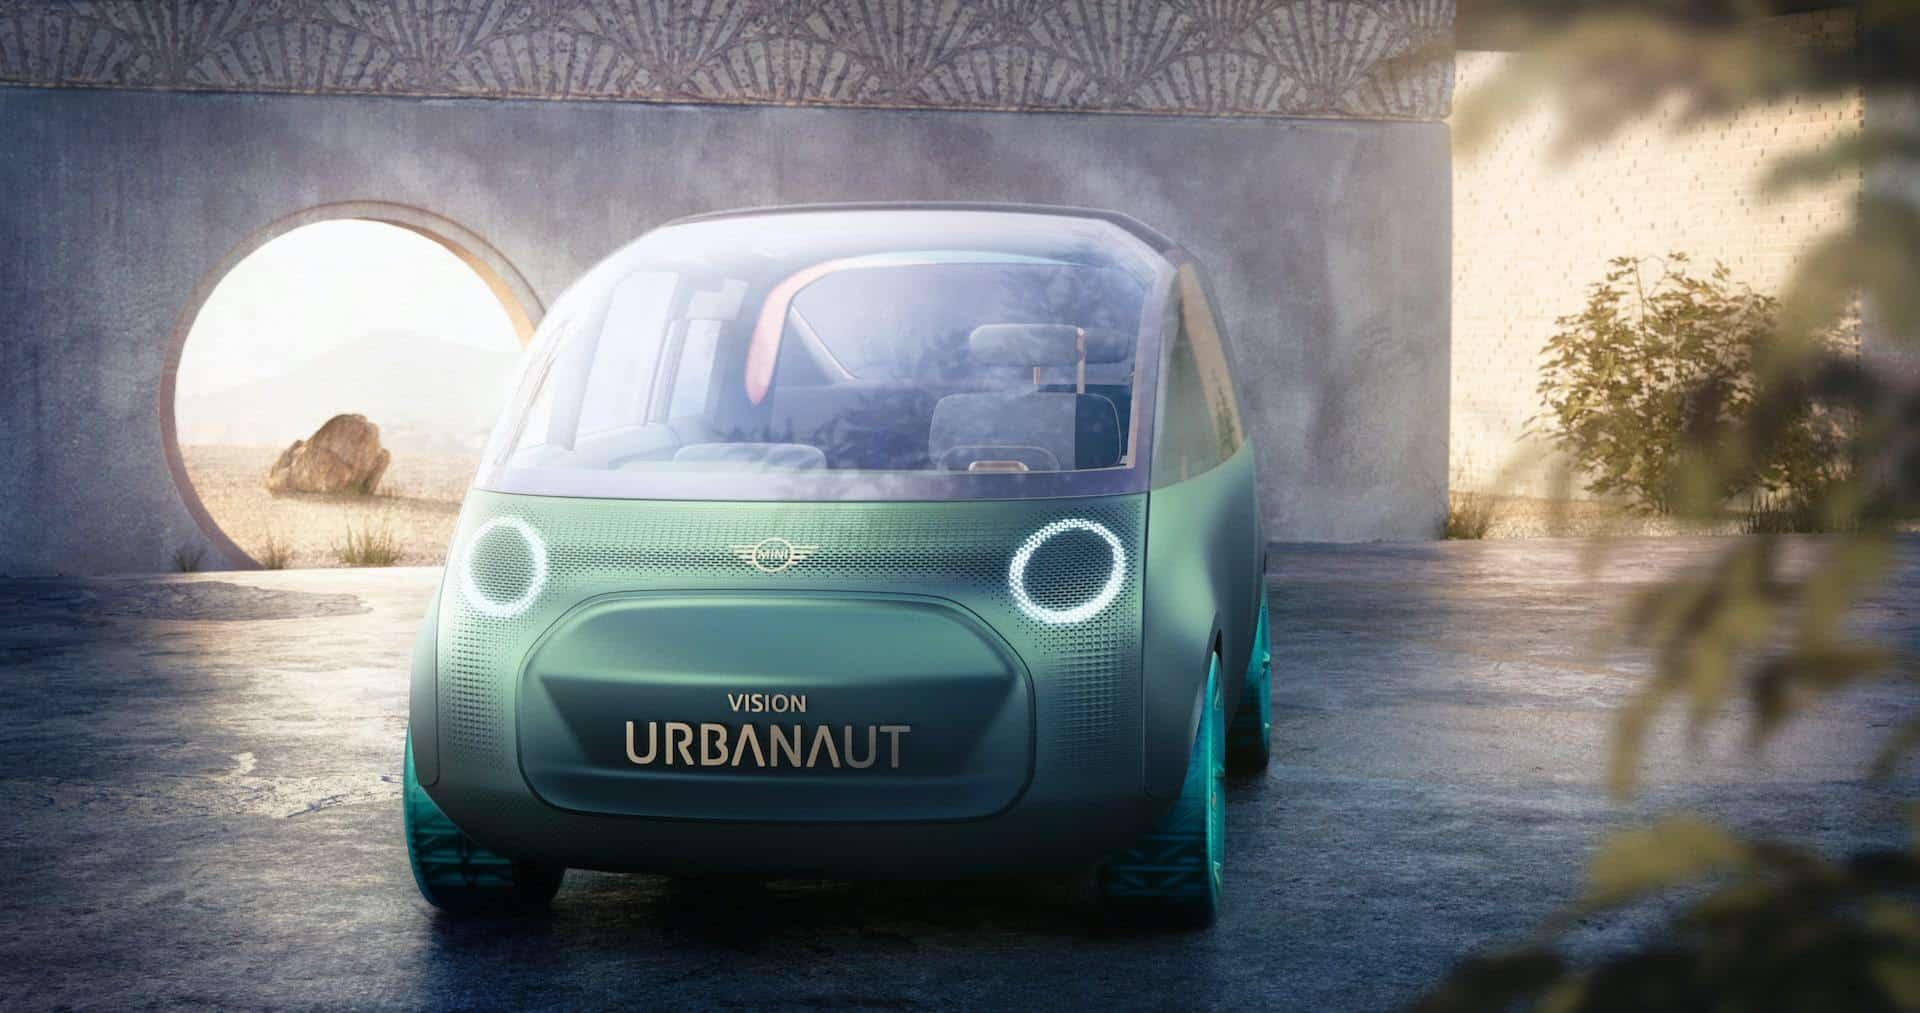 BMW-MINI-Elektroauto-Zukunft-Vision-Urbanaut-Vorne